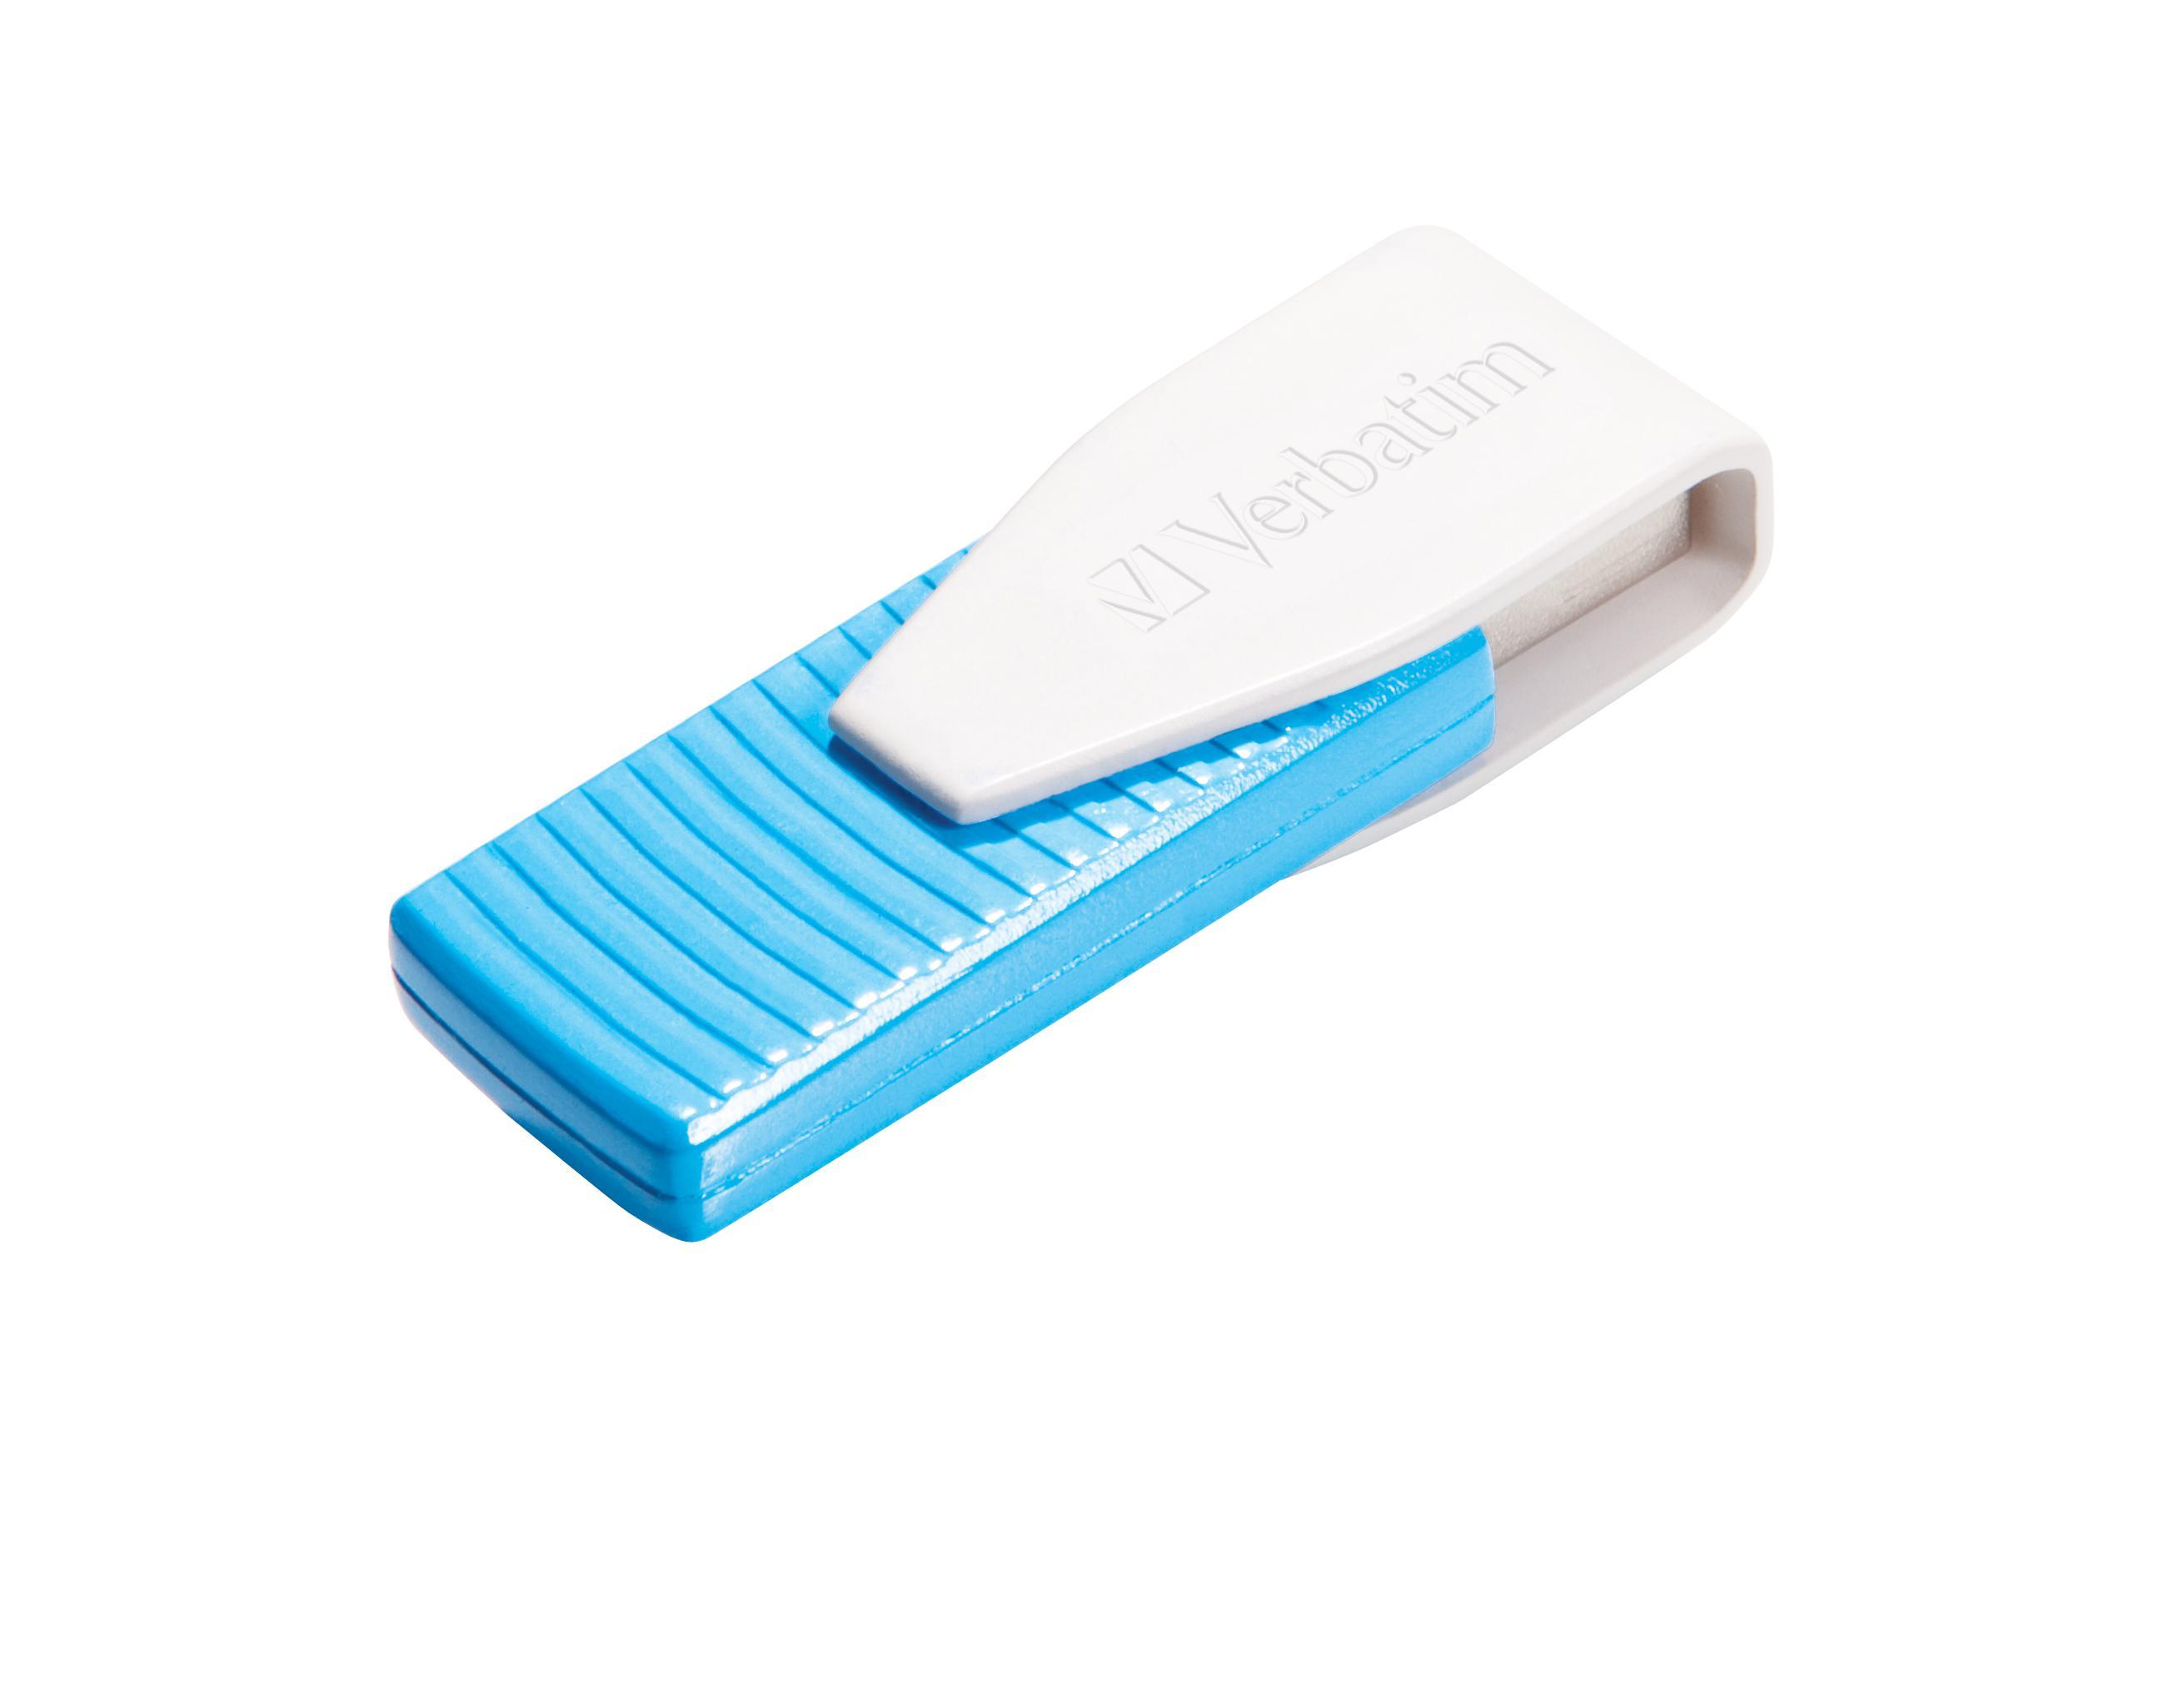 VERBATIM Swivel USB Drive 8 GB Blå